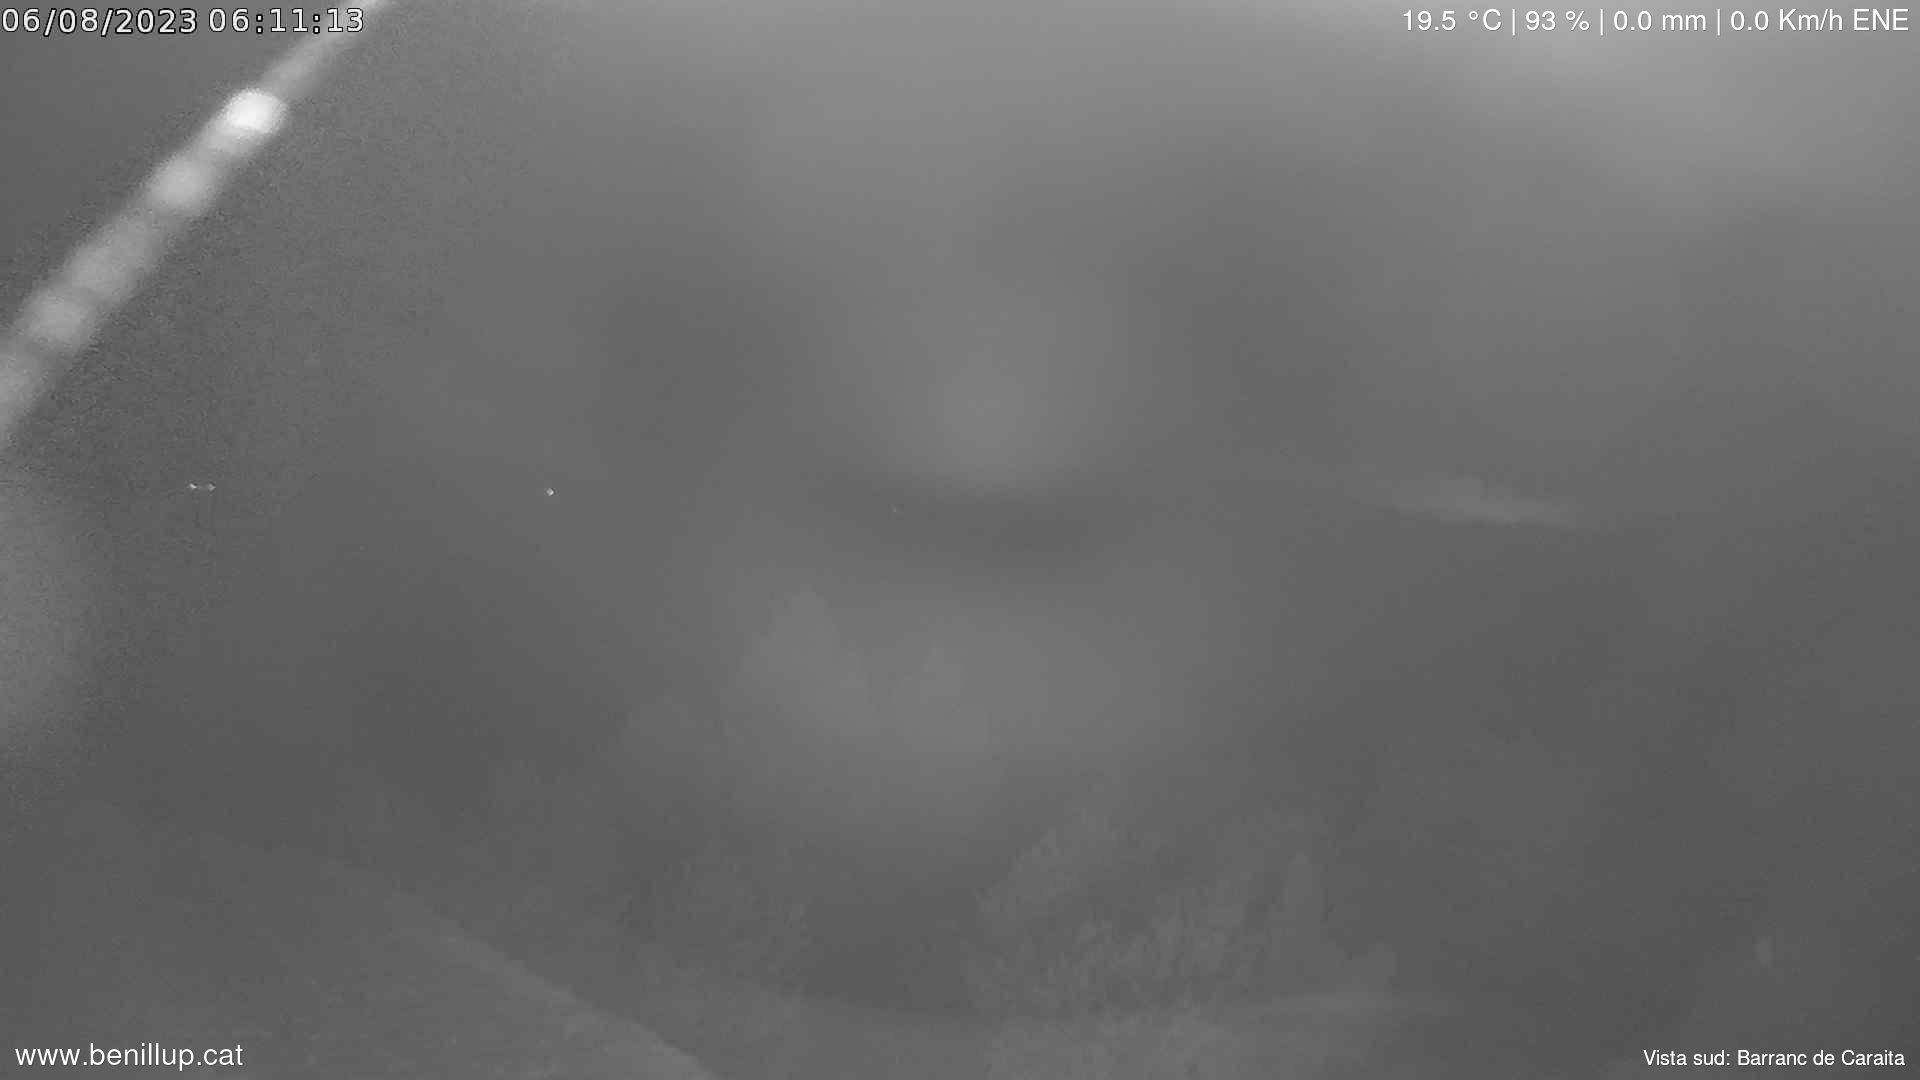 Webcam des de Benillup amb vistes Barranc de Caraita i Font Roja